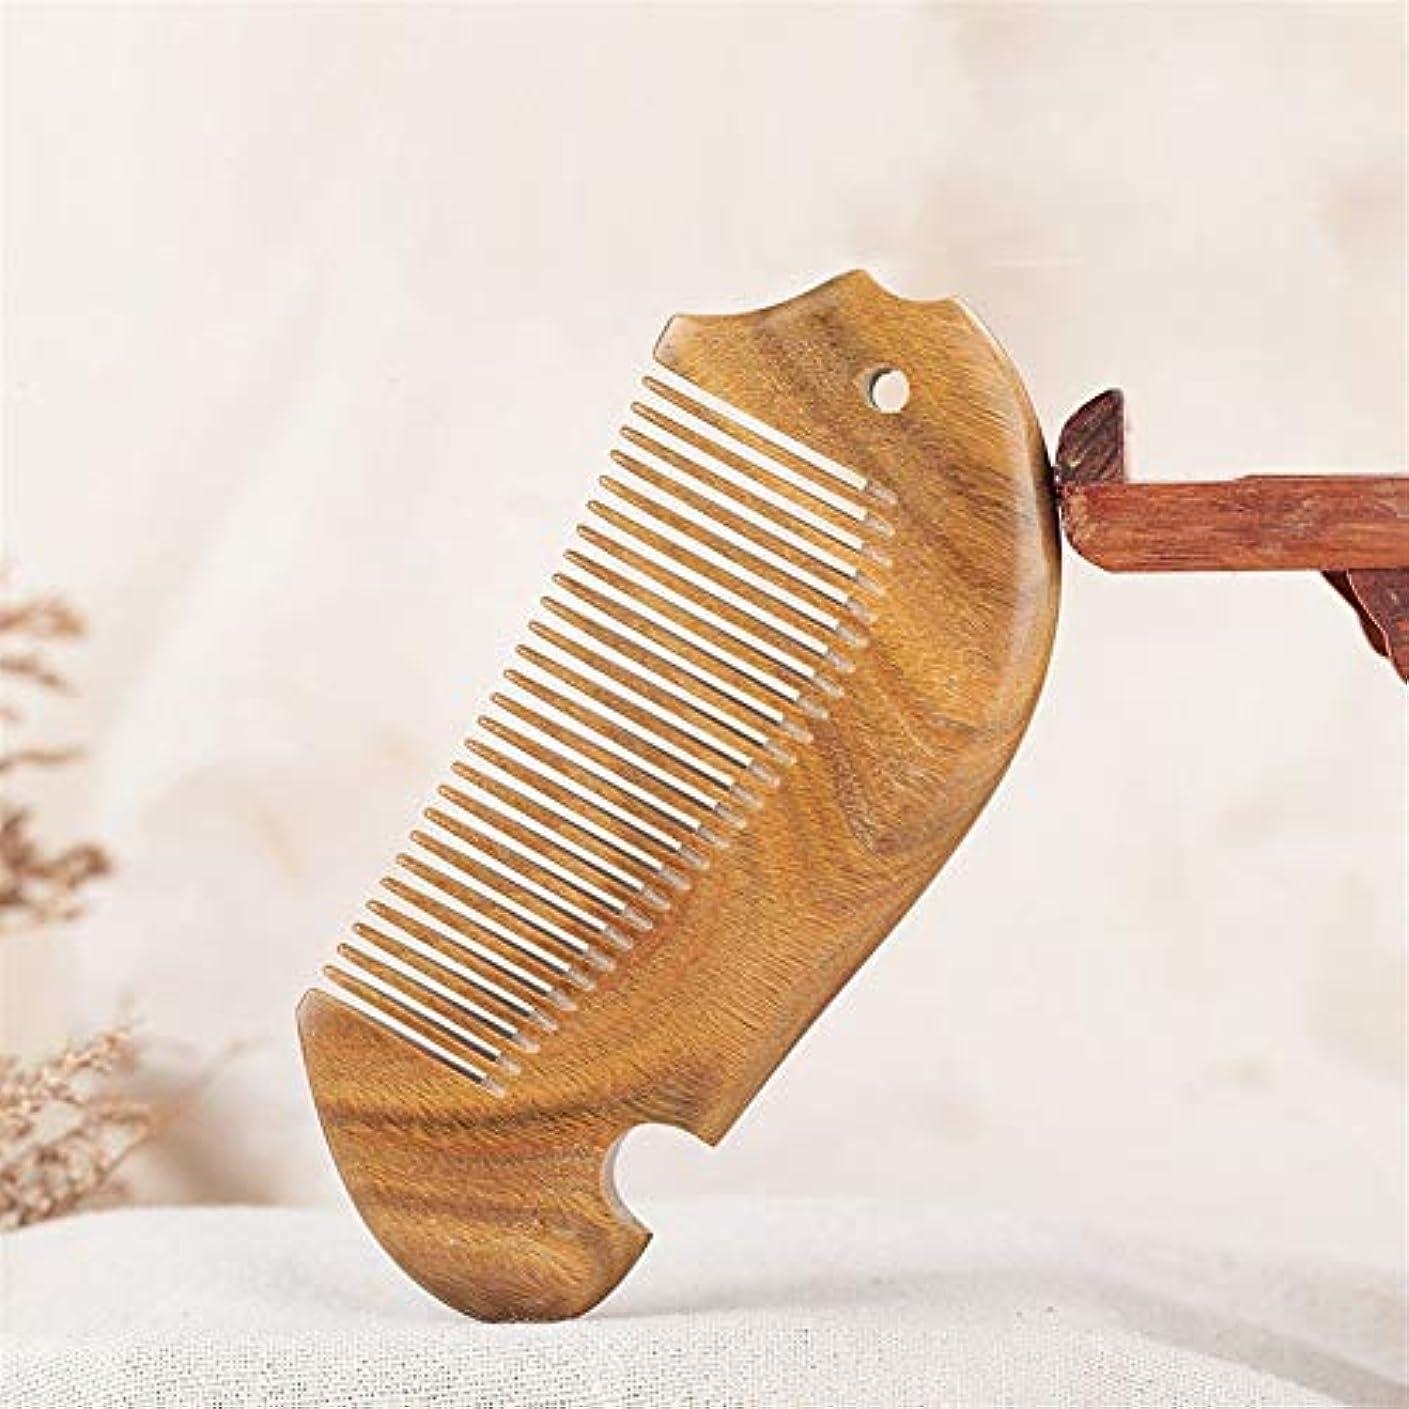 確立マーチャンダイジング切断するGuomao ナチュラルグリーンサンダルウッドウッドコーム魚型コーム厚型サンダルウッドコーム (Size : 12.5*5.3*1.1 cm)